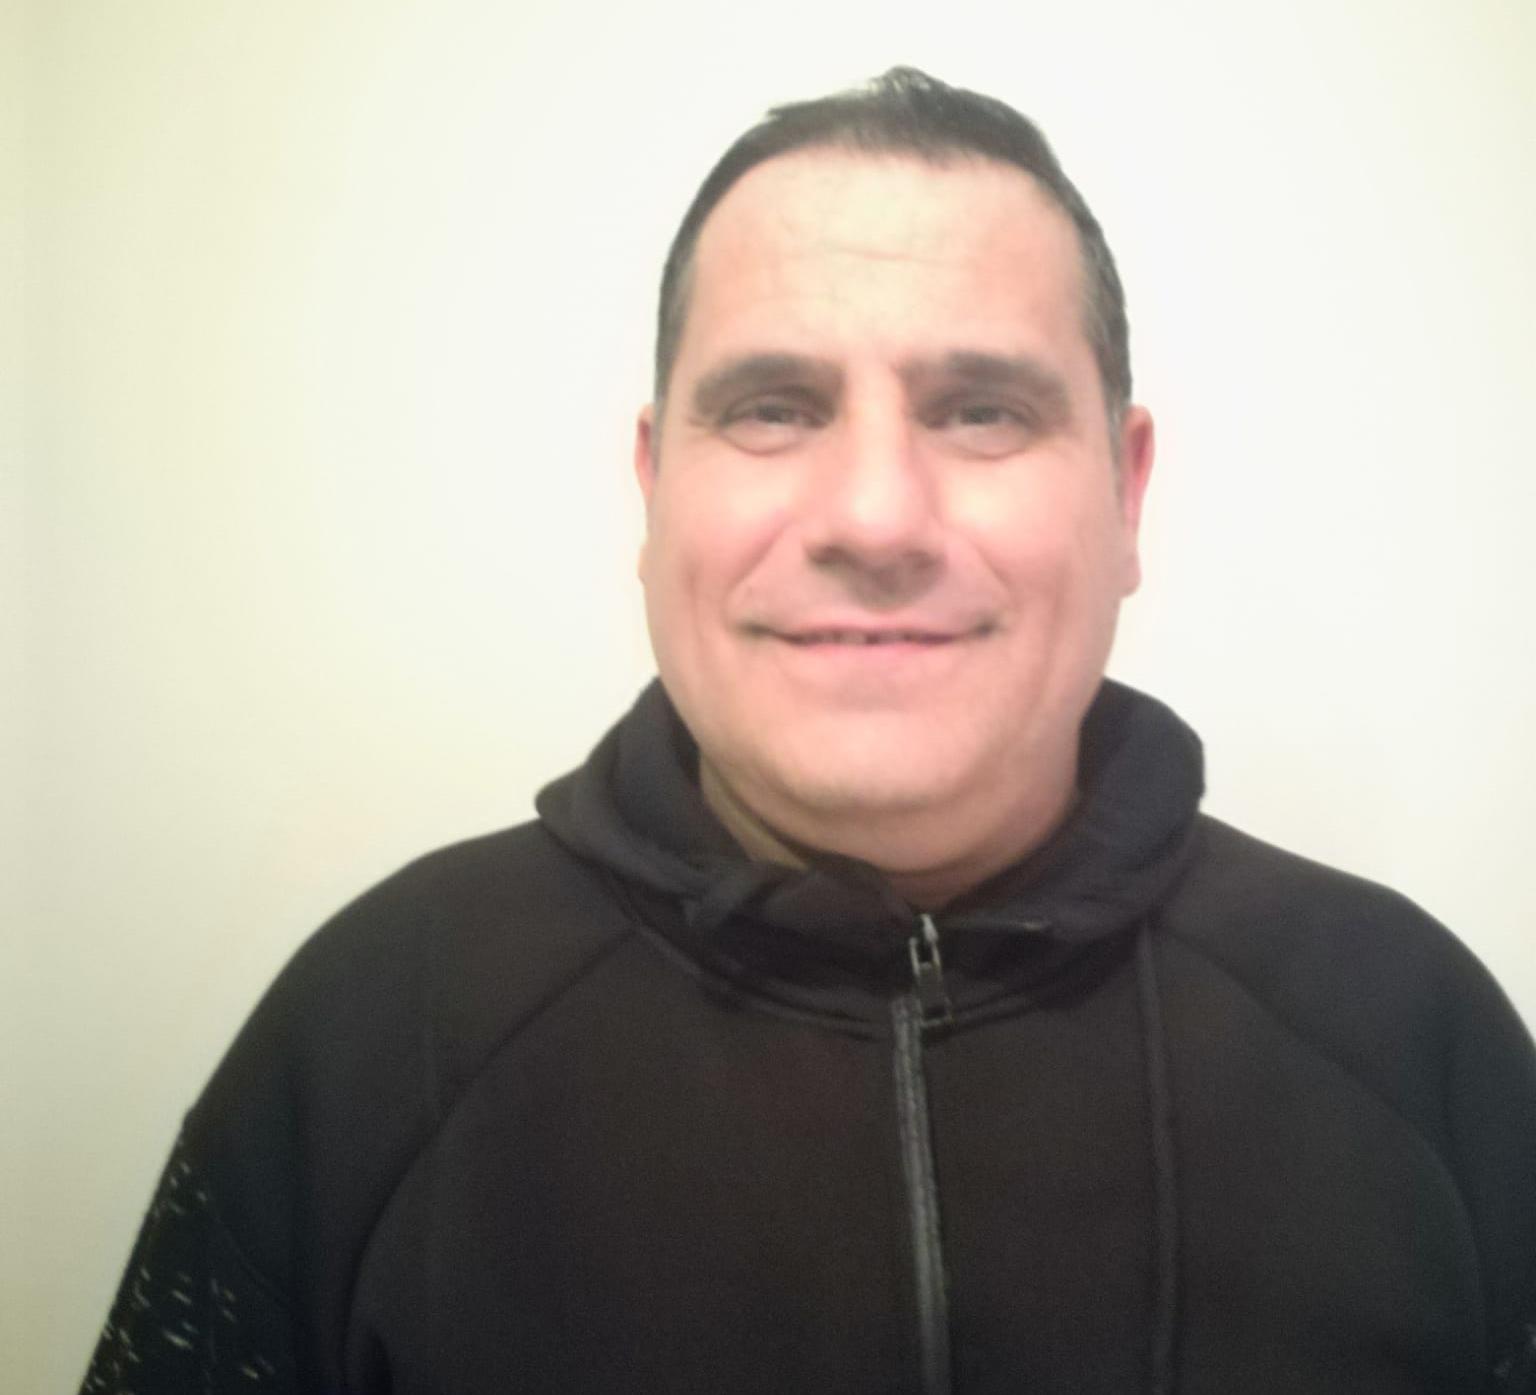 Carlos Calderón, nou tècnic del Viejas Glorias, s'estrena amb victòria contra el Vilamajor (5-2)